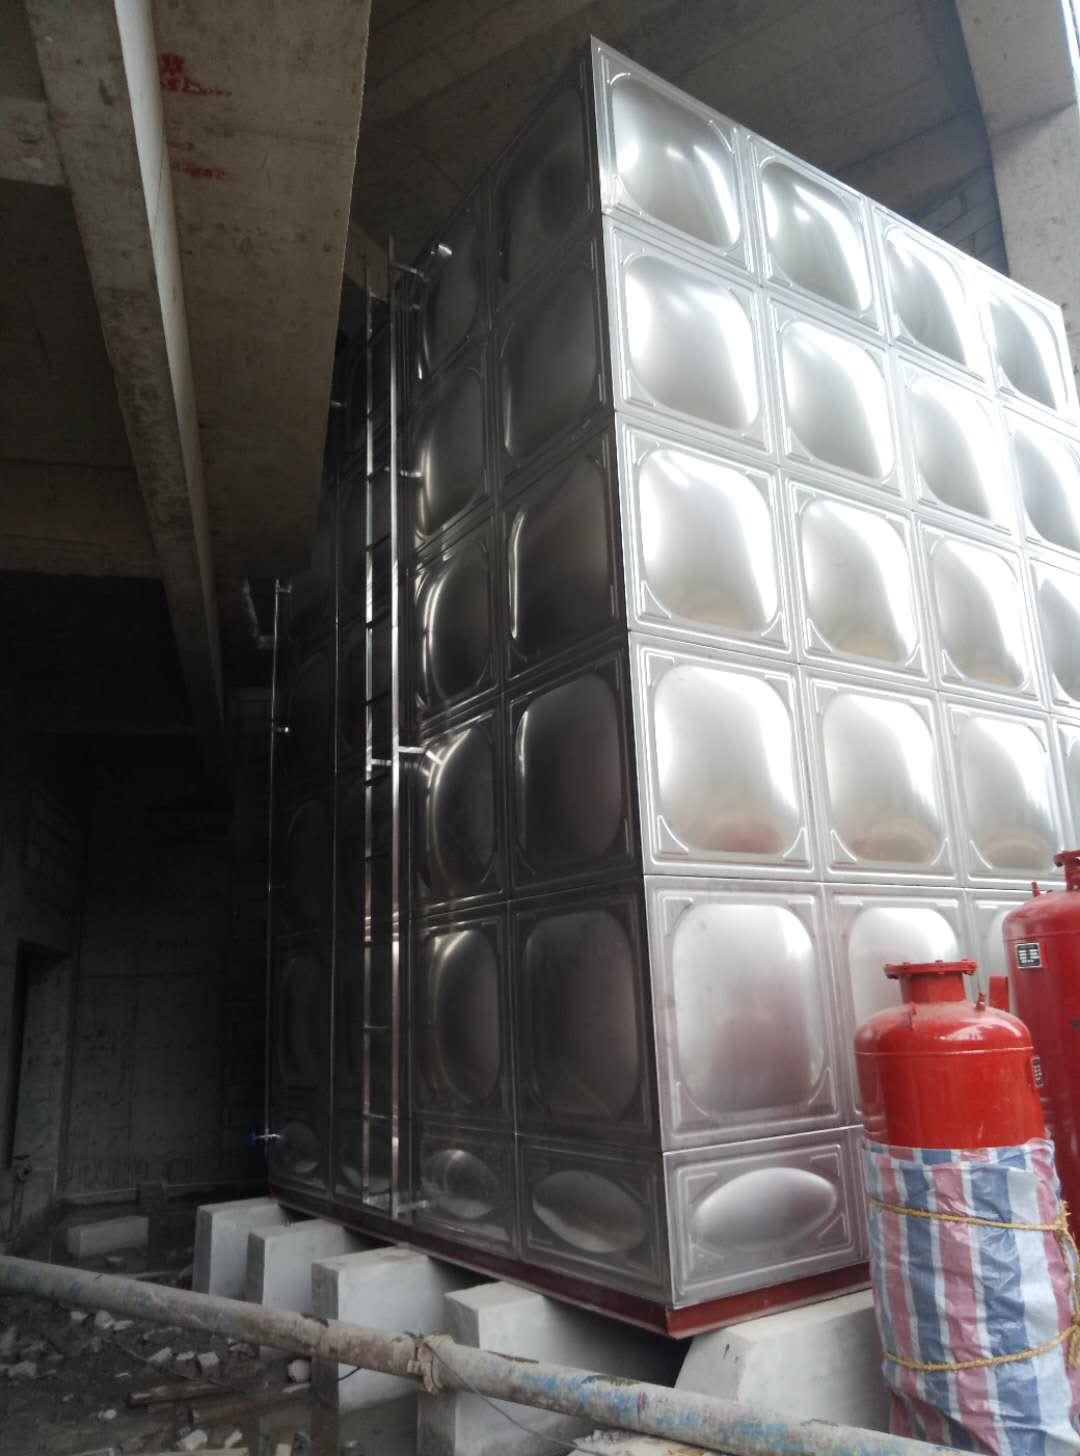 一般纳税人厂家直销高位消防水箱,地下室生活水箱定制安装! 高位不锈钢消防水箱